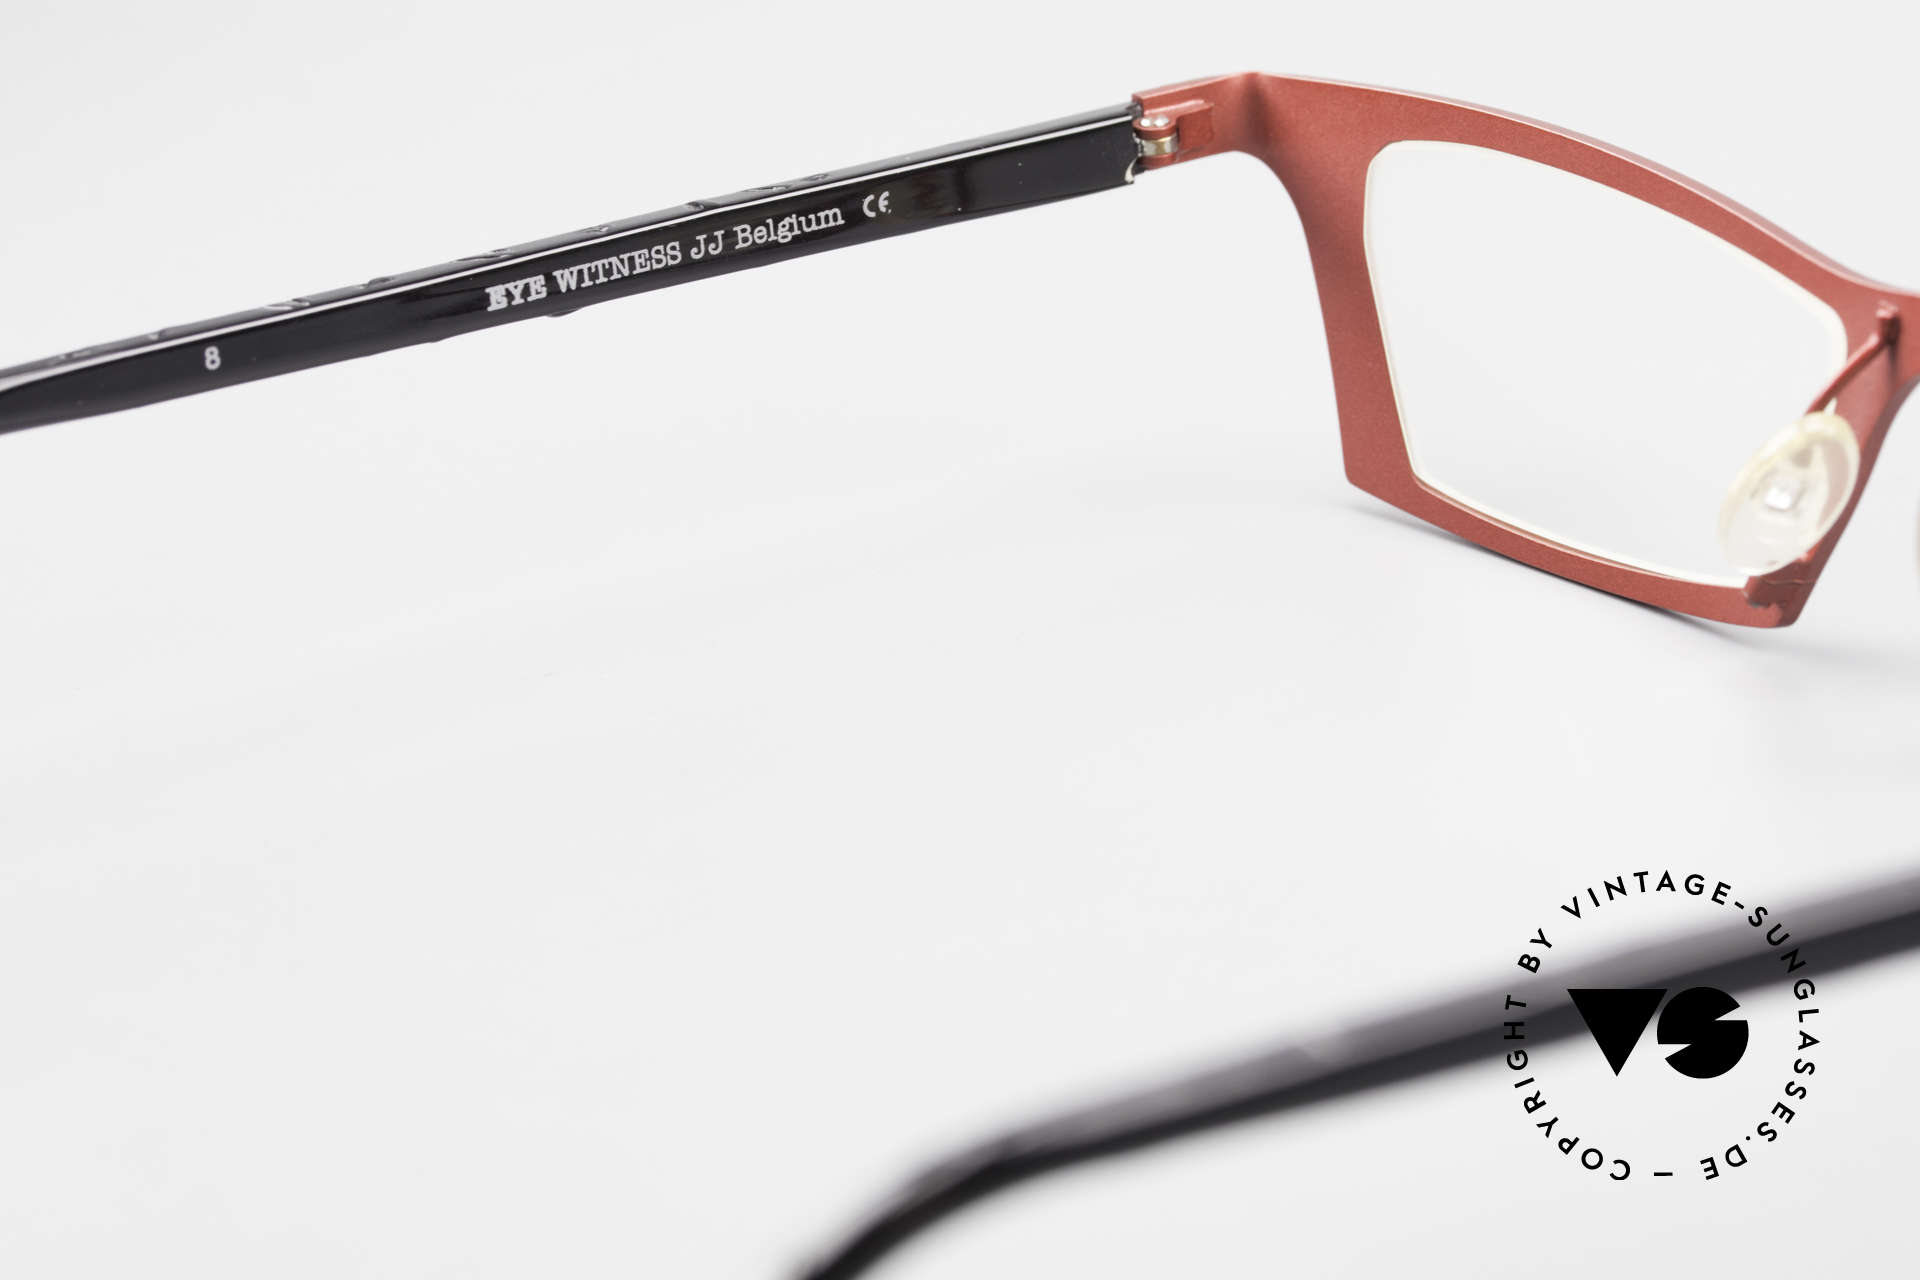 Theo Belgium Eye-Witness JJ Damenbrille Pure Titanium, DEMOgläser sollten durch optische ausgetauscht werden, Passend für Damen